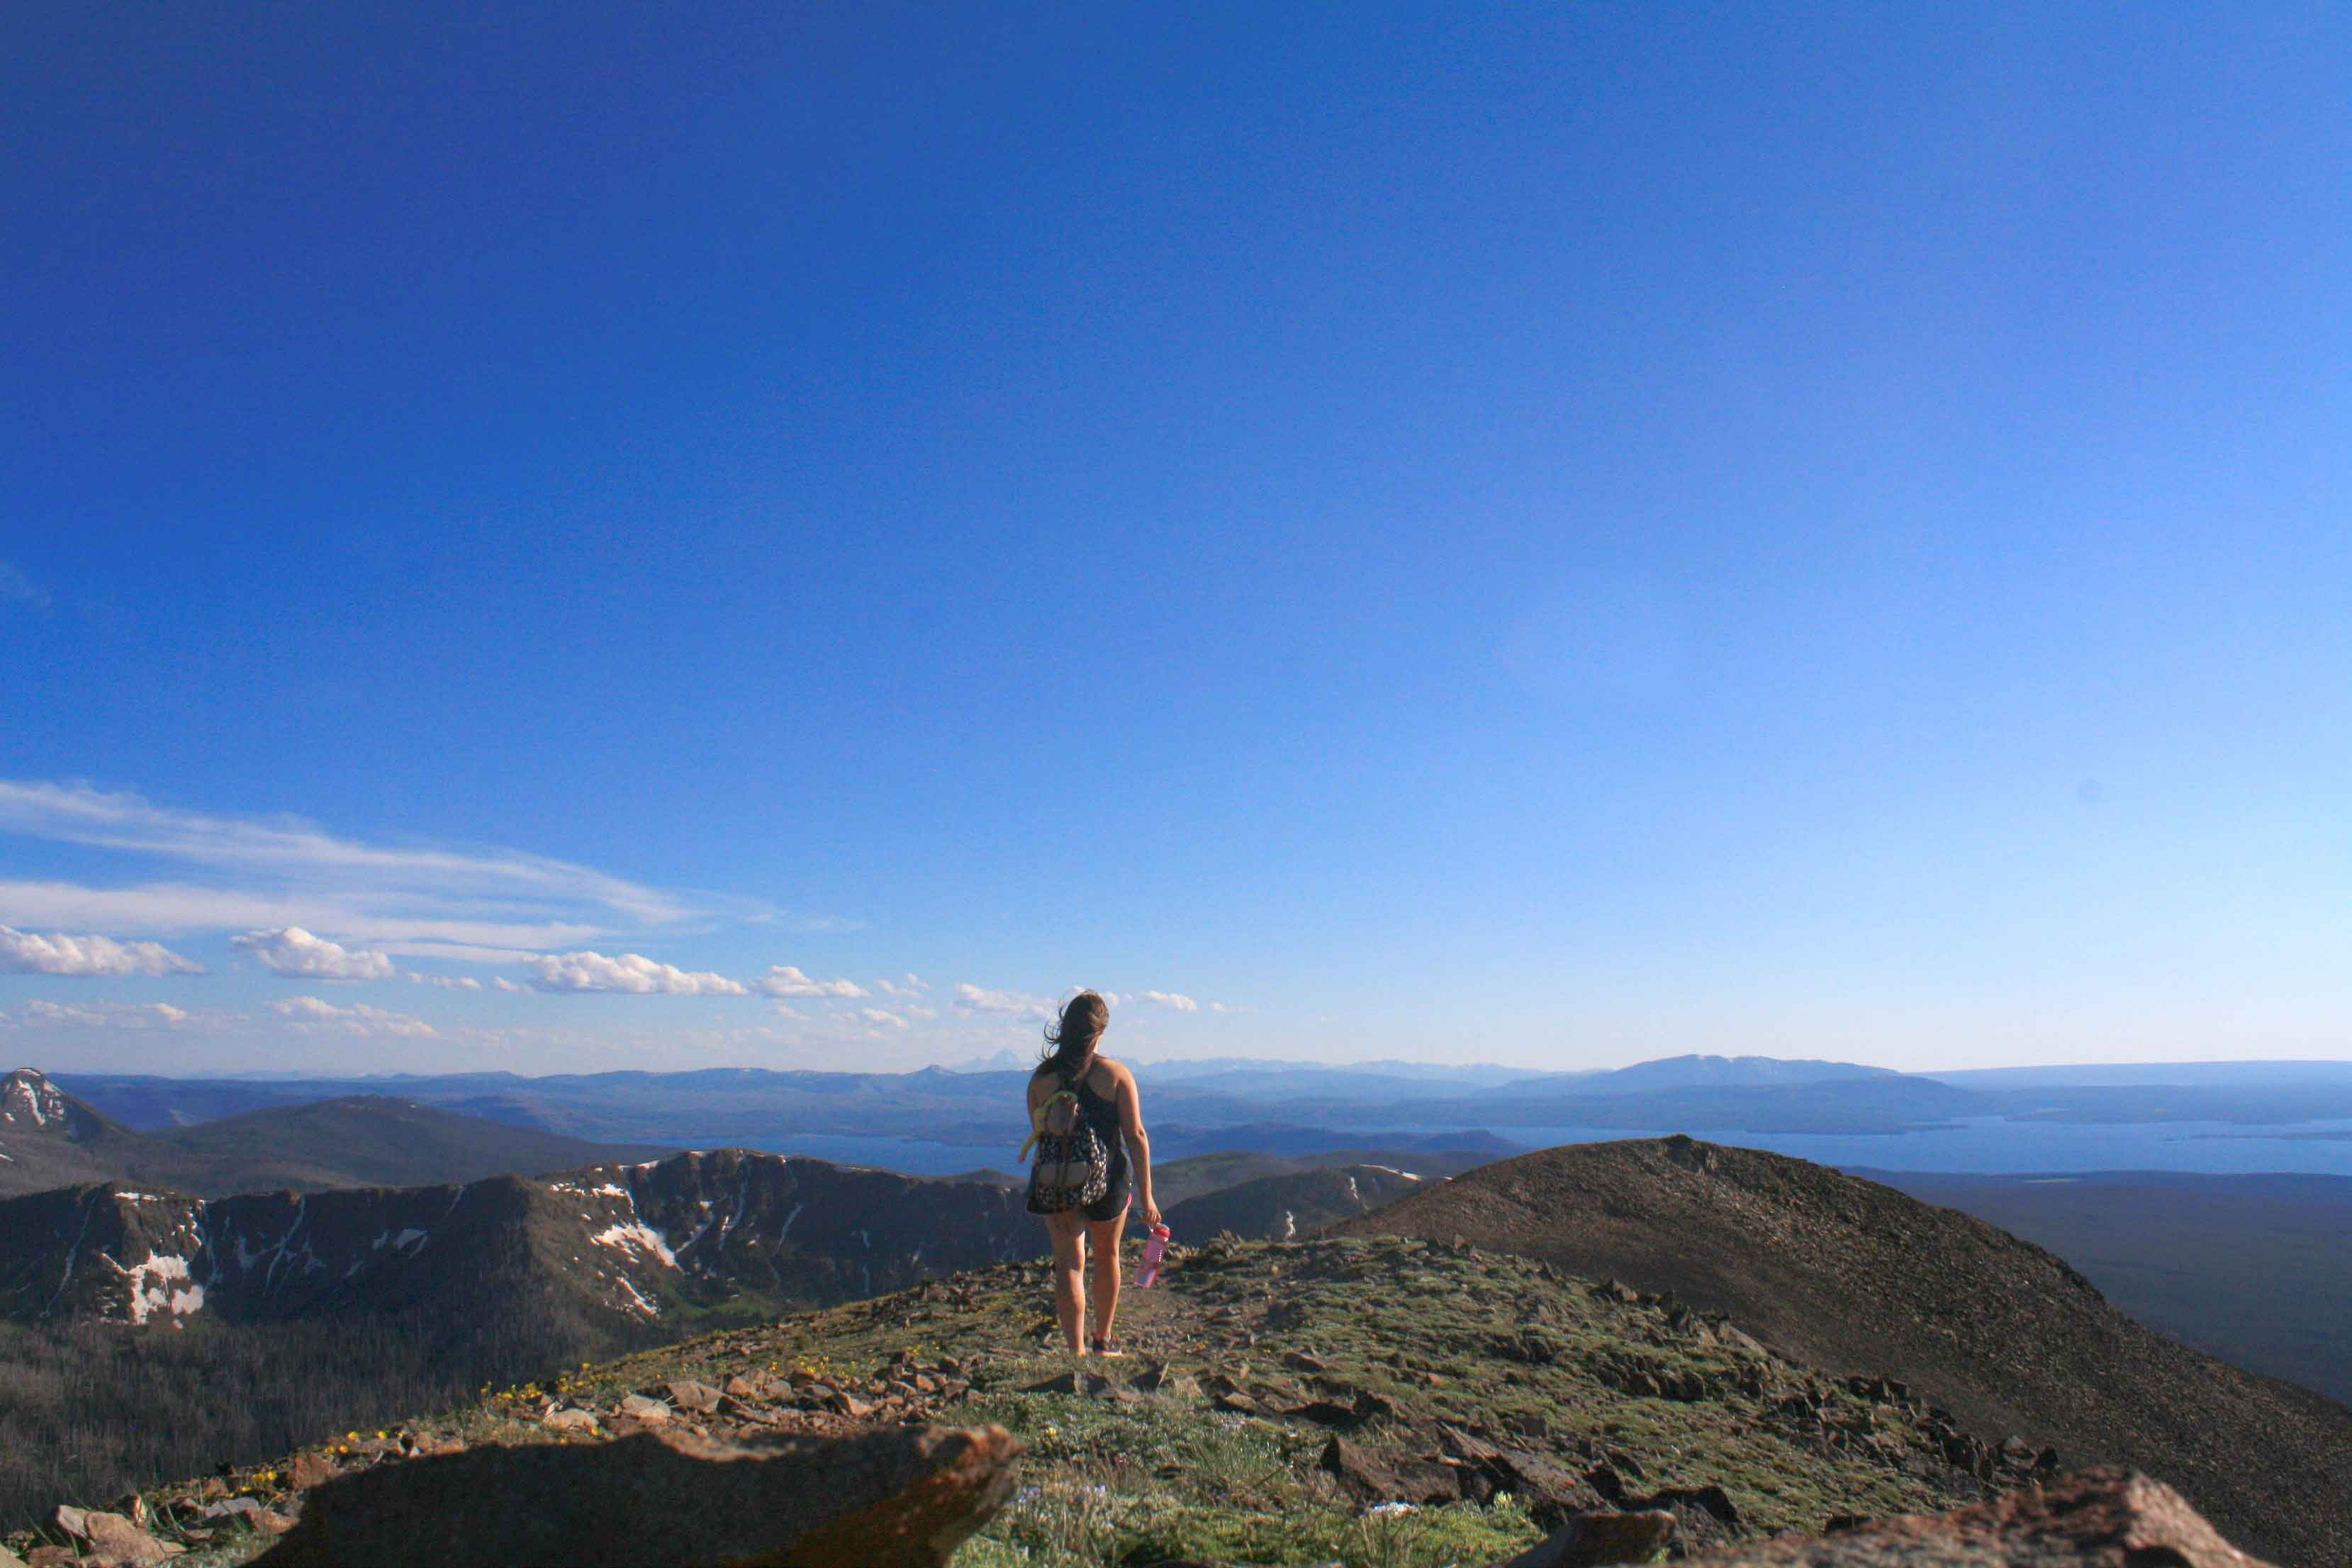 Hiking-Mountain-Karley-Nugent